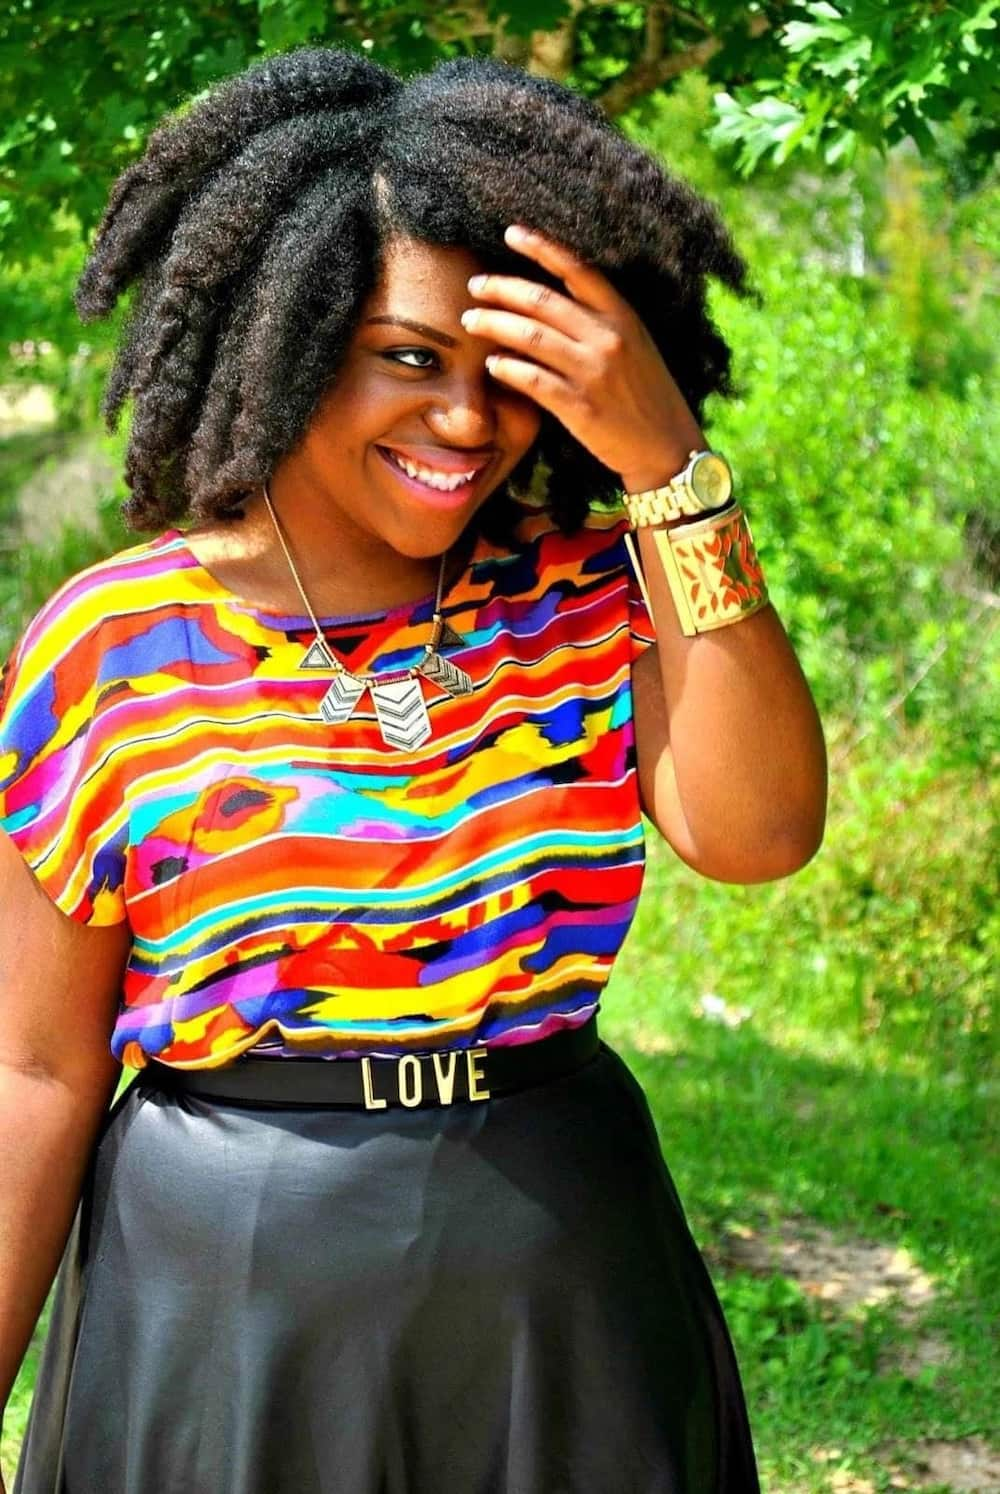 Flat twist hairstyles Afro twist braid hairstyles Twist hairstyles for wedding Twist black hairstyles Senegalese twist hairstyles Twist hairstyles for natural hair Afro twist hairstyles Two strand twist hairstyles